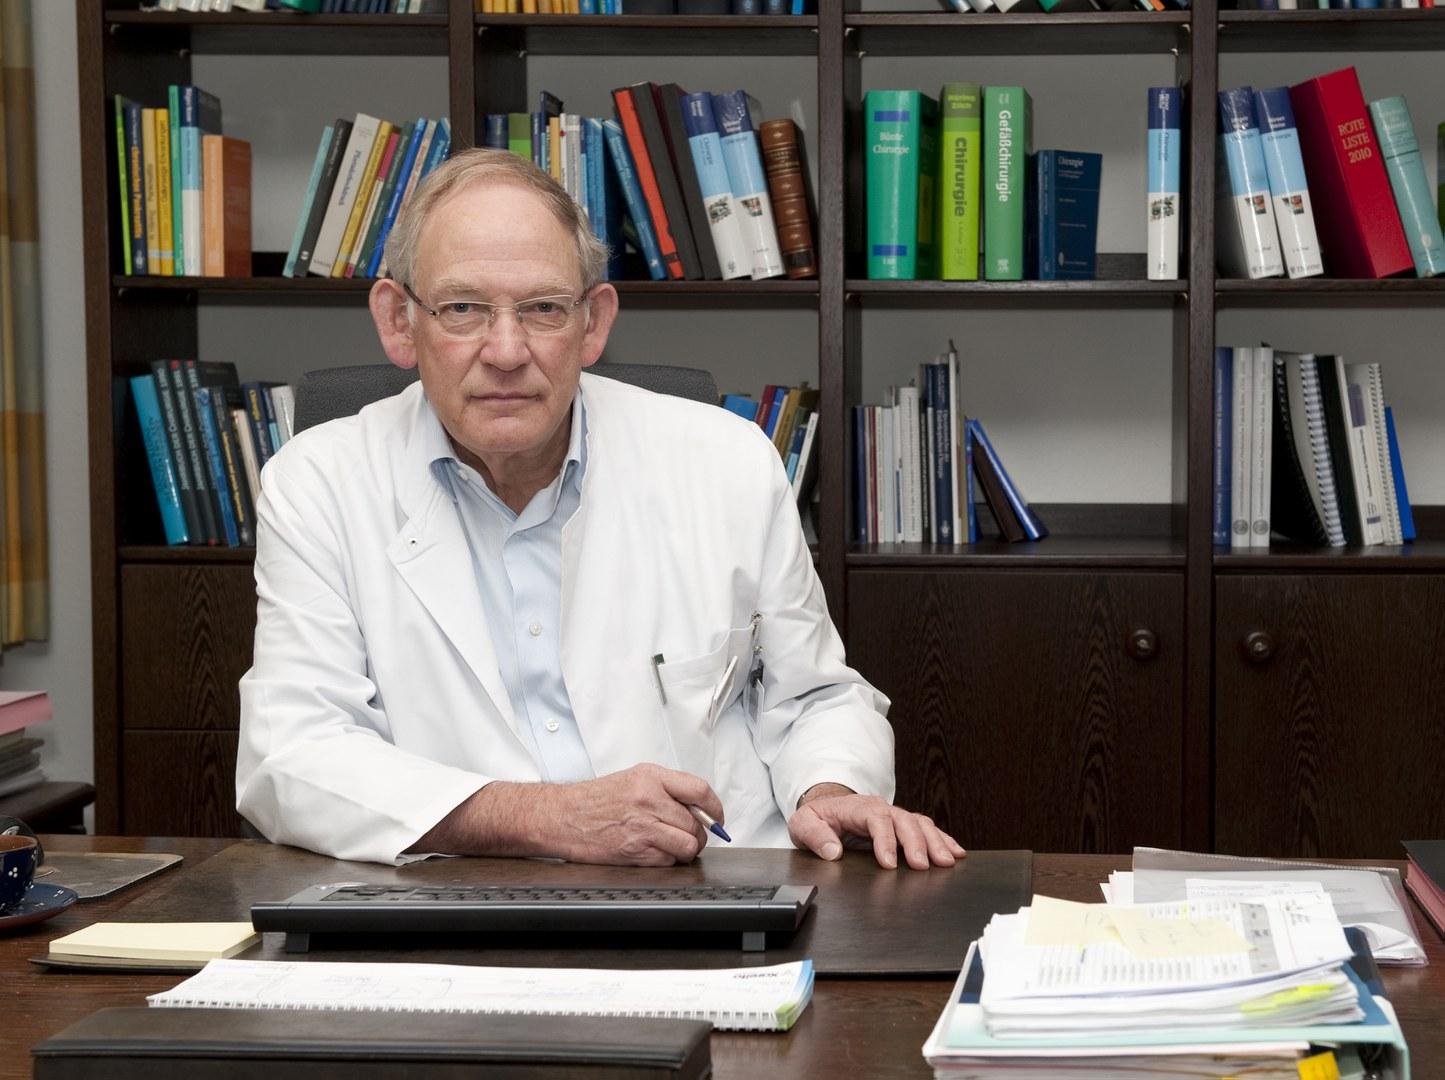 Professor Dr. Andreas Hirner